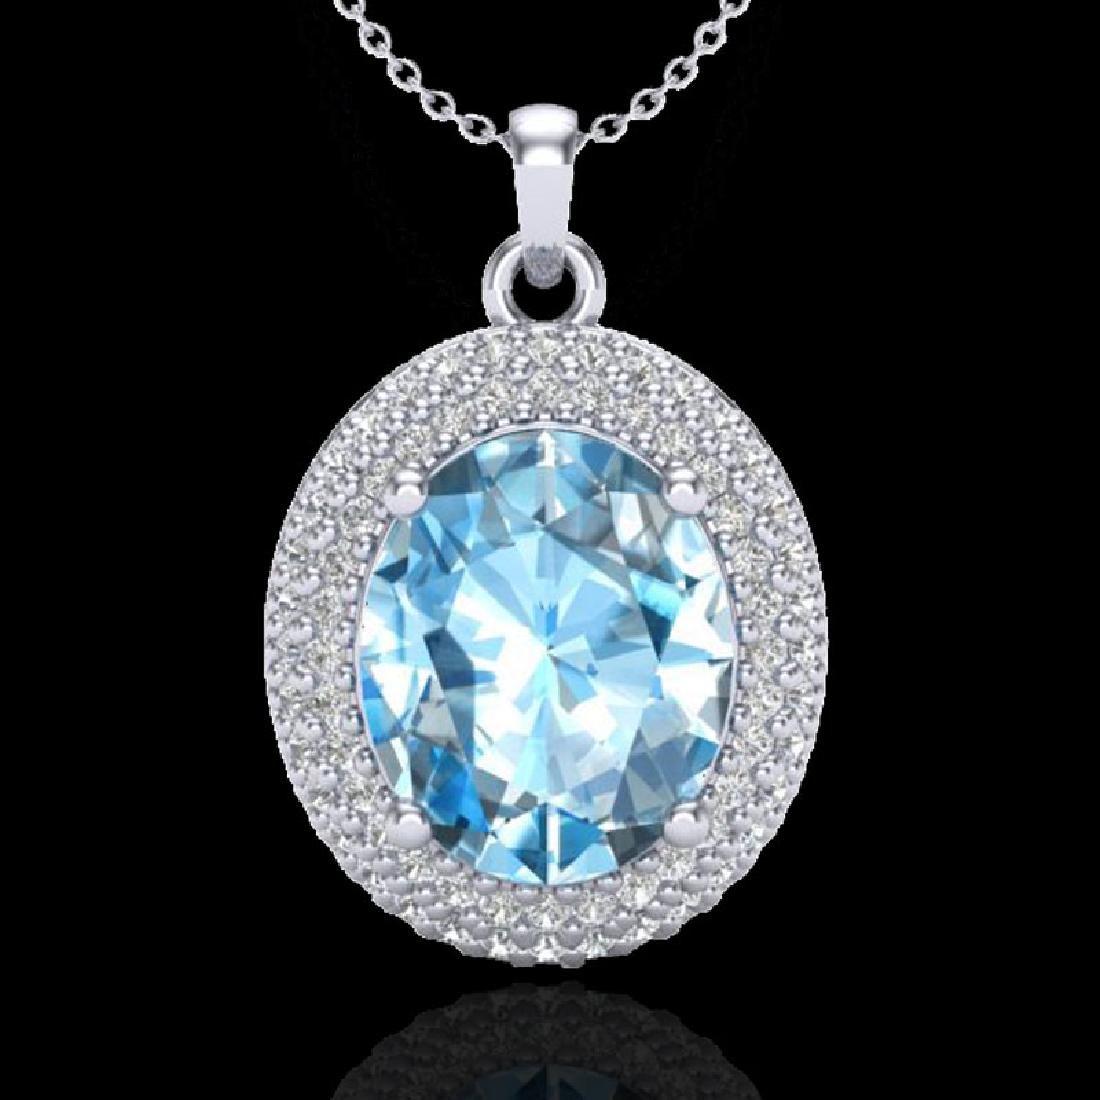 5 CTW Sky Blue Topaz & Micro Pave VS/SI Diamond